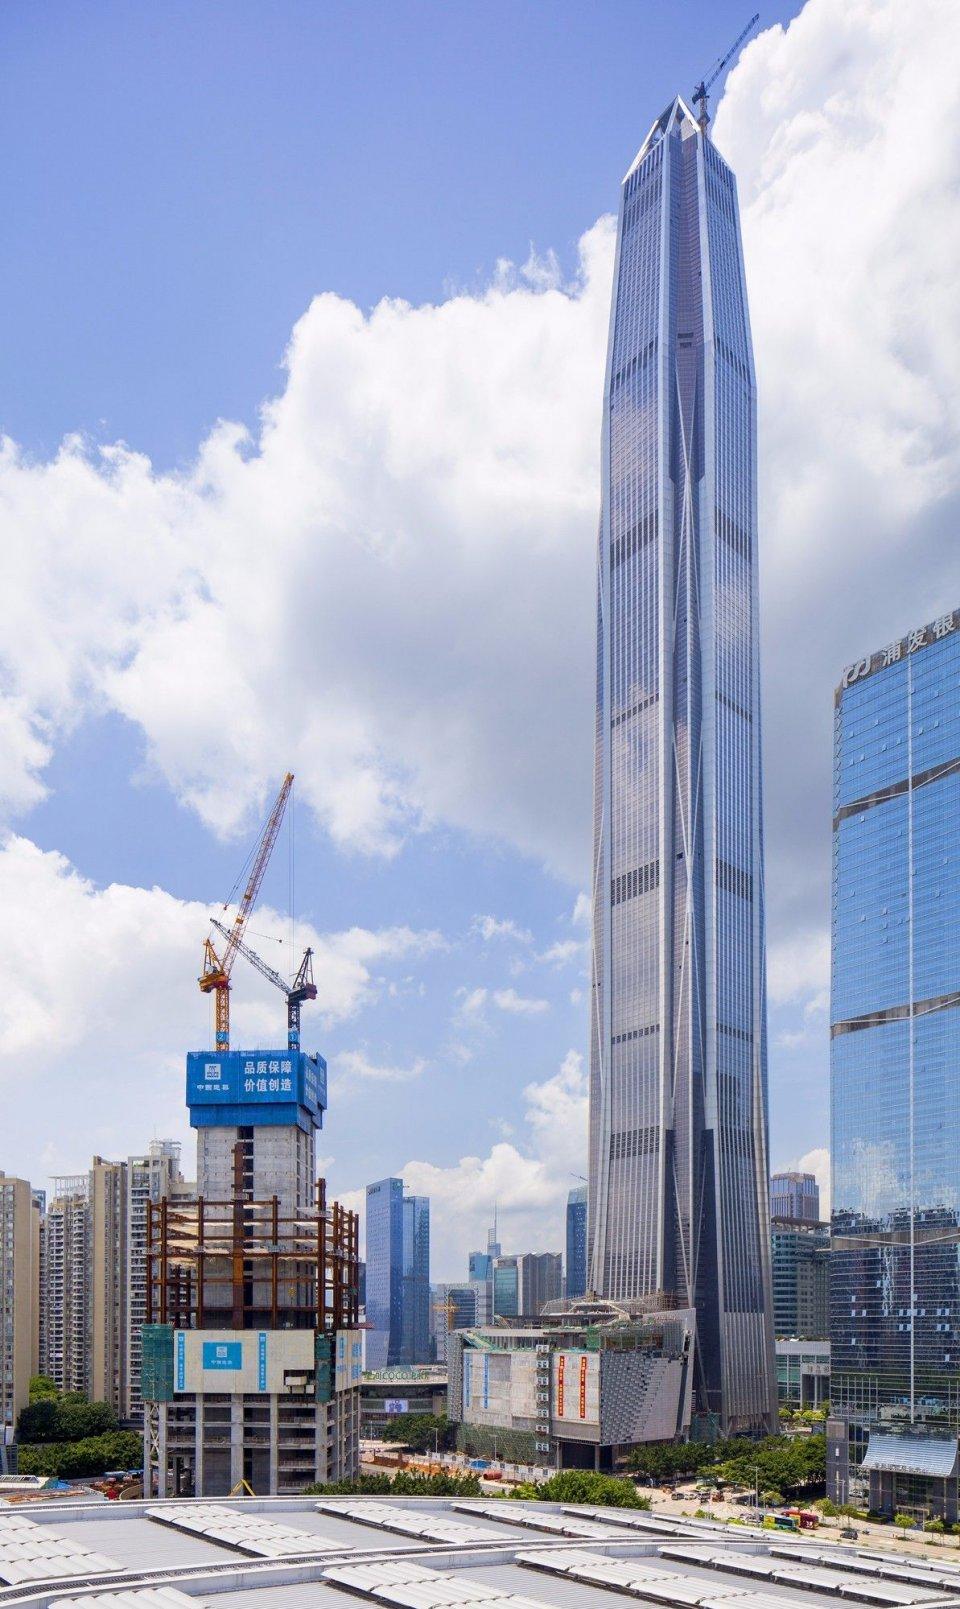 【AT】599m喚醒經典摩天樓記憶——深圳平安大廈竣工記 - 壹讀